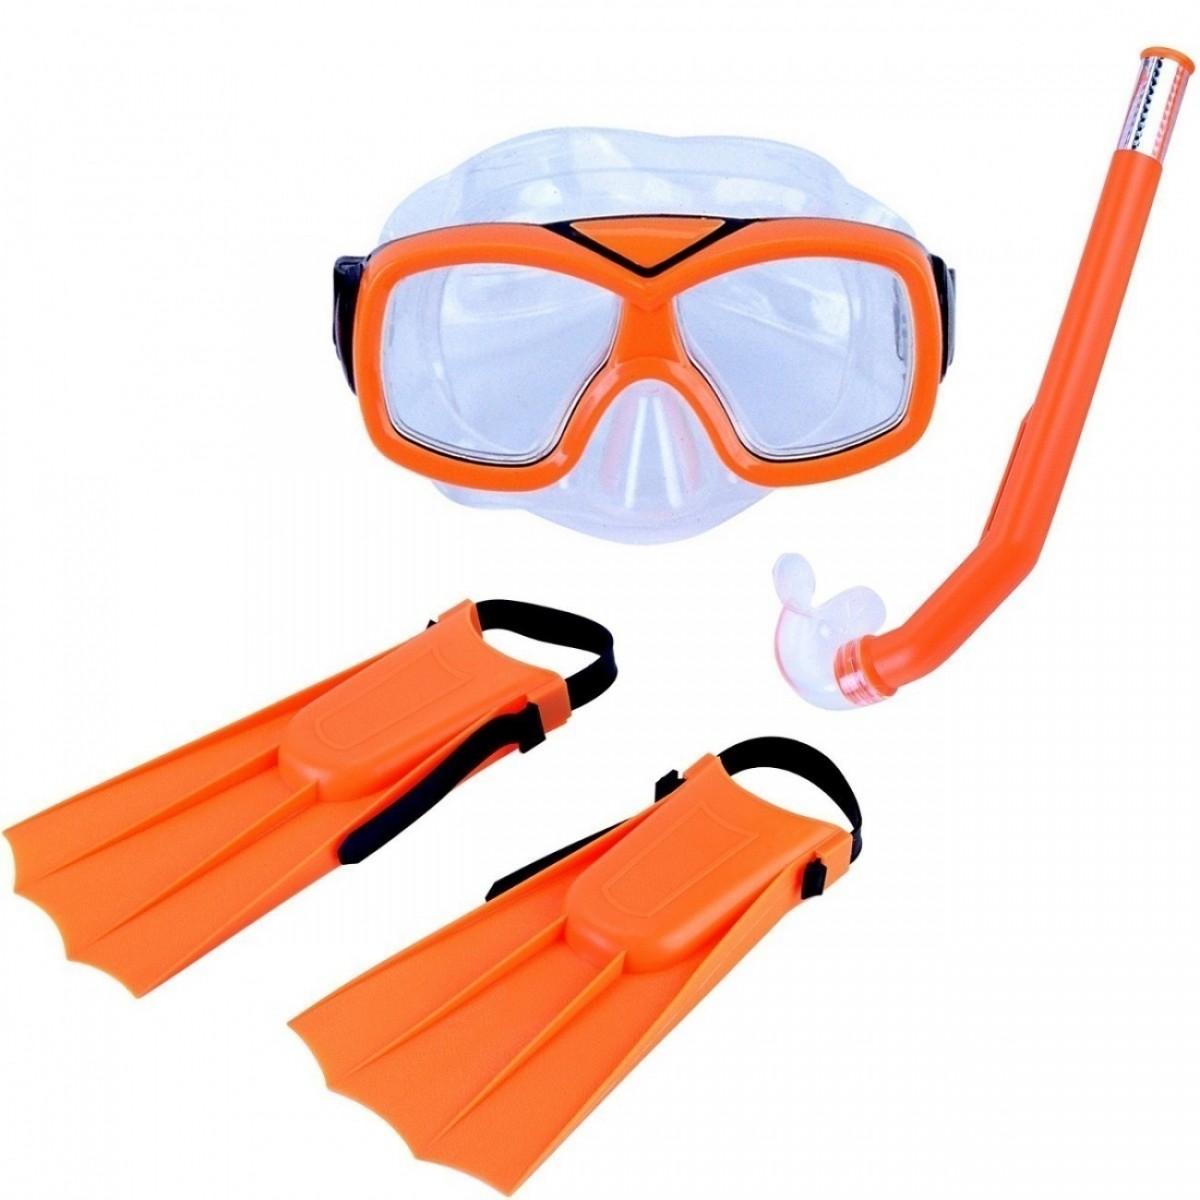 Kit de Mergulho Diver (Infantil)